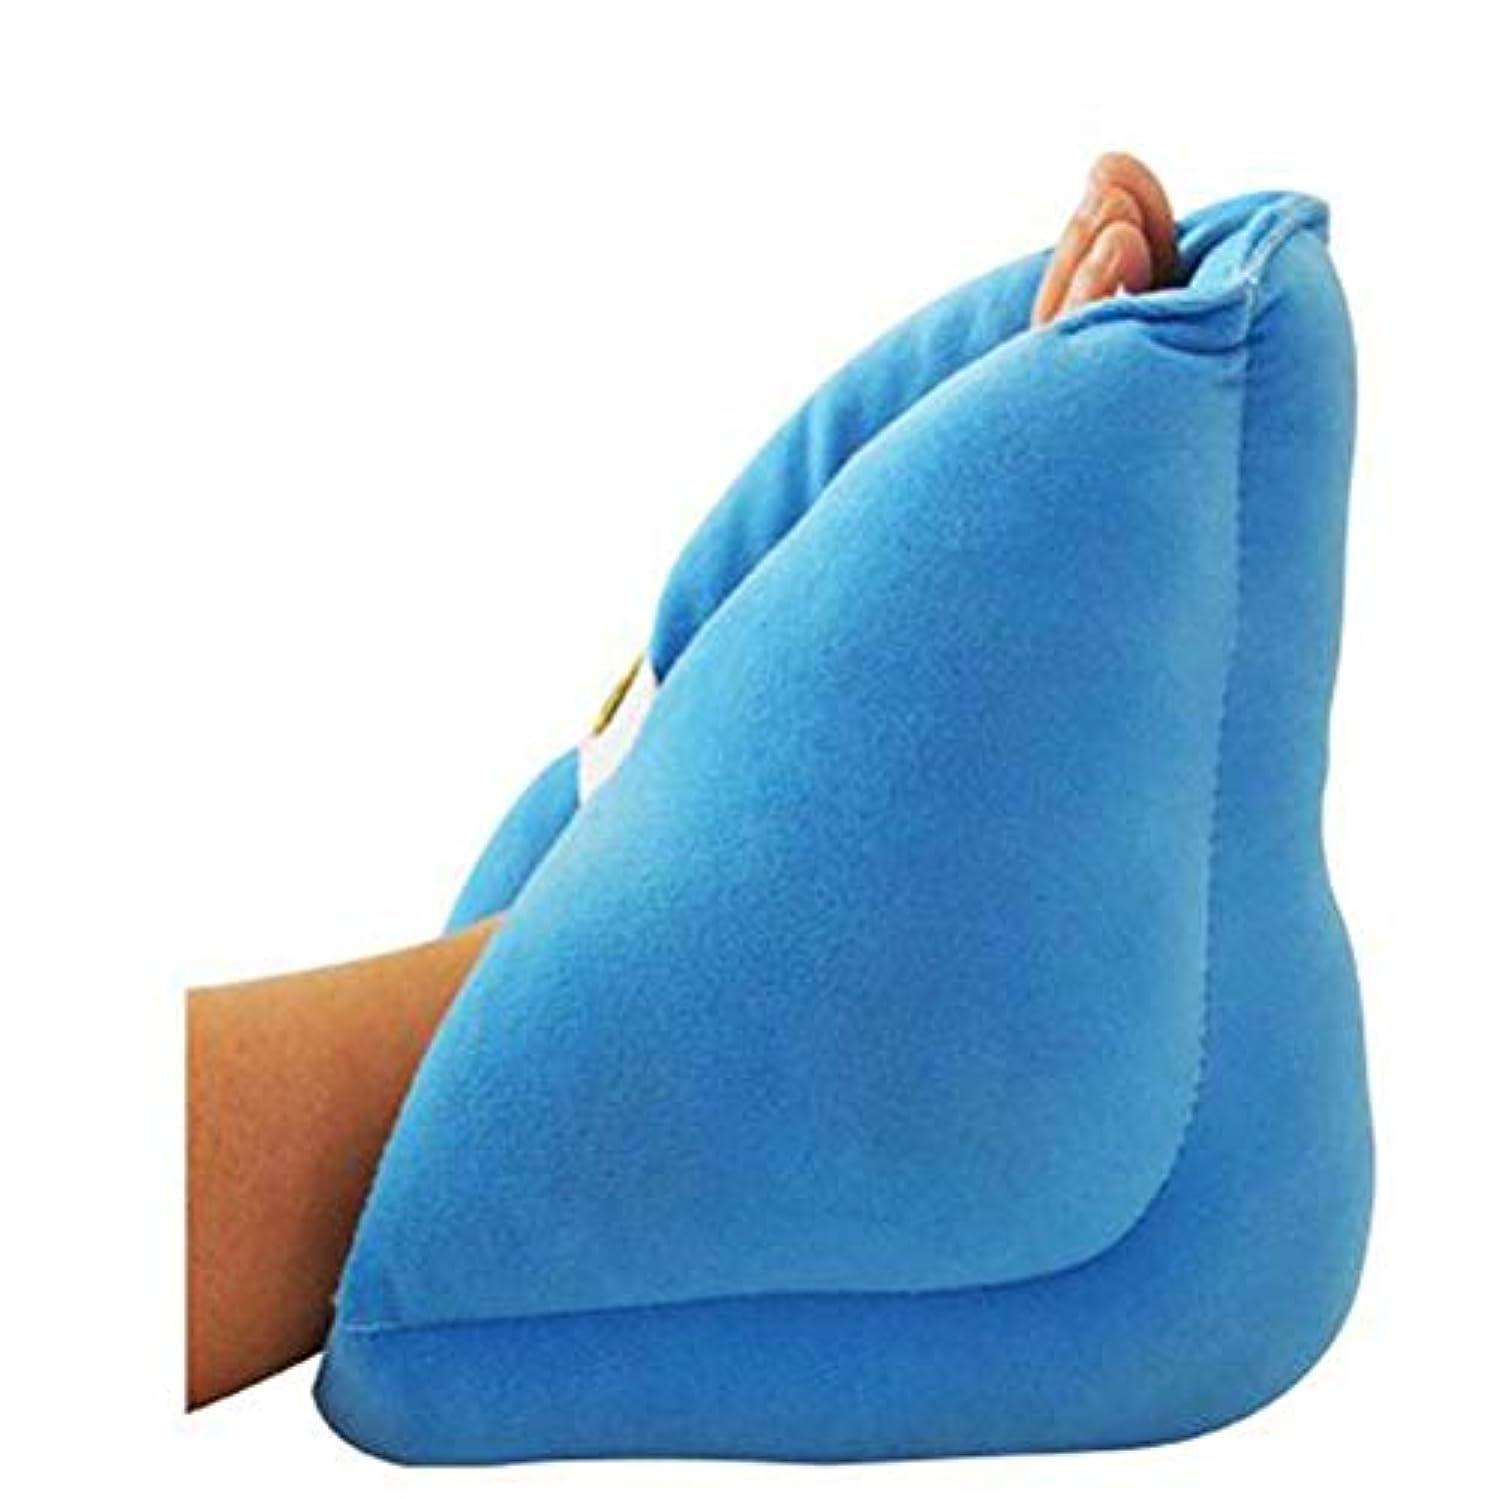 原子炉海峡抗床ずれヒールプロテクター枕、圧力緩和ヒールプロテクター、患者ケアヒールパッド足首プロテクタークッション、効果的な床ずれおよび足潰瘍緩和フットピロー (2PCS)